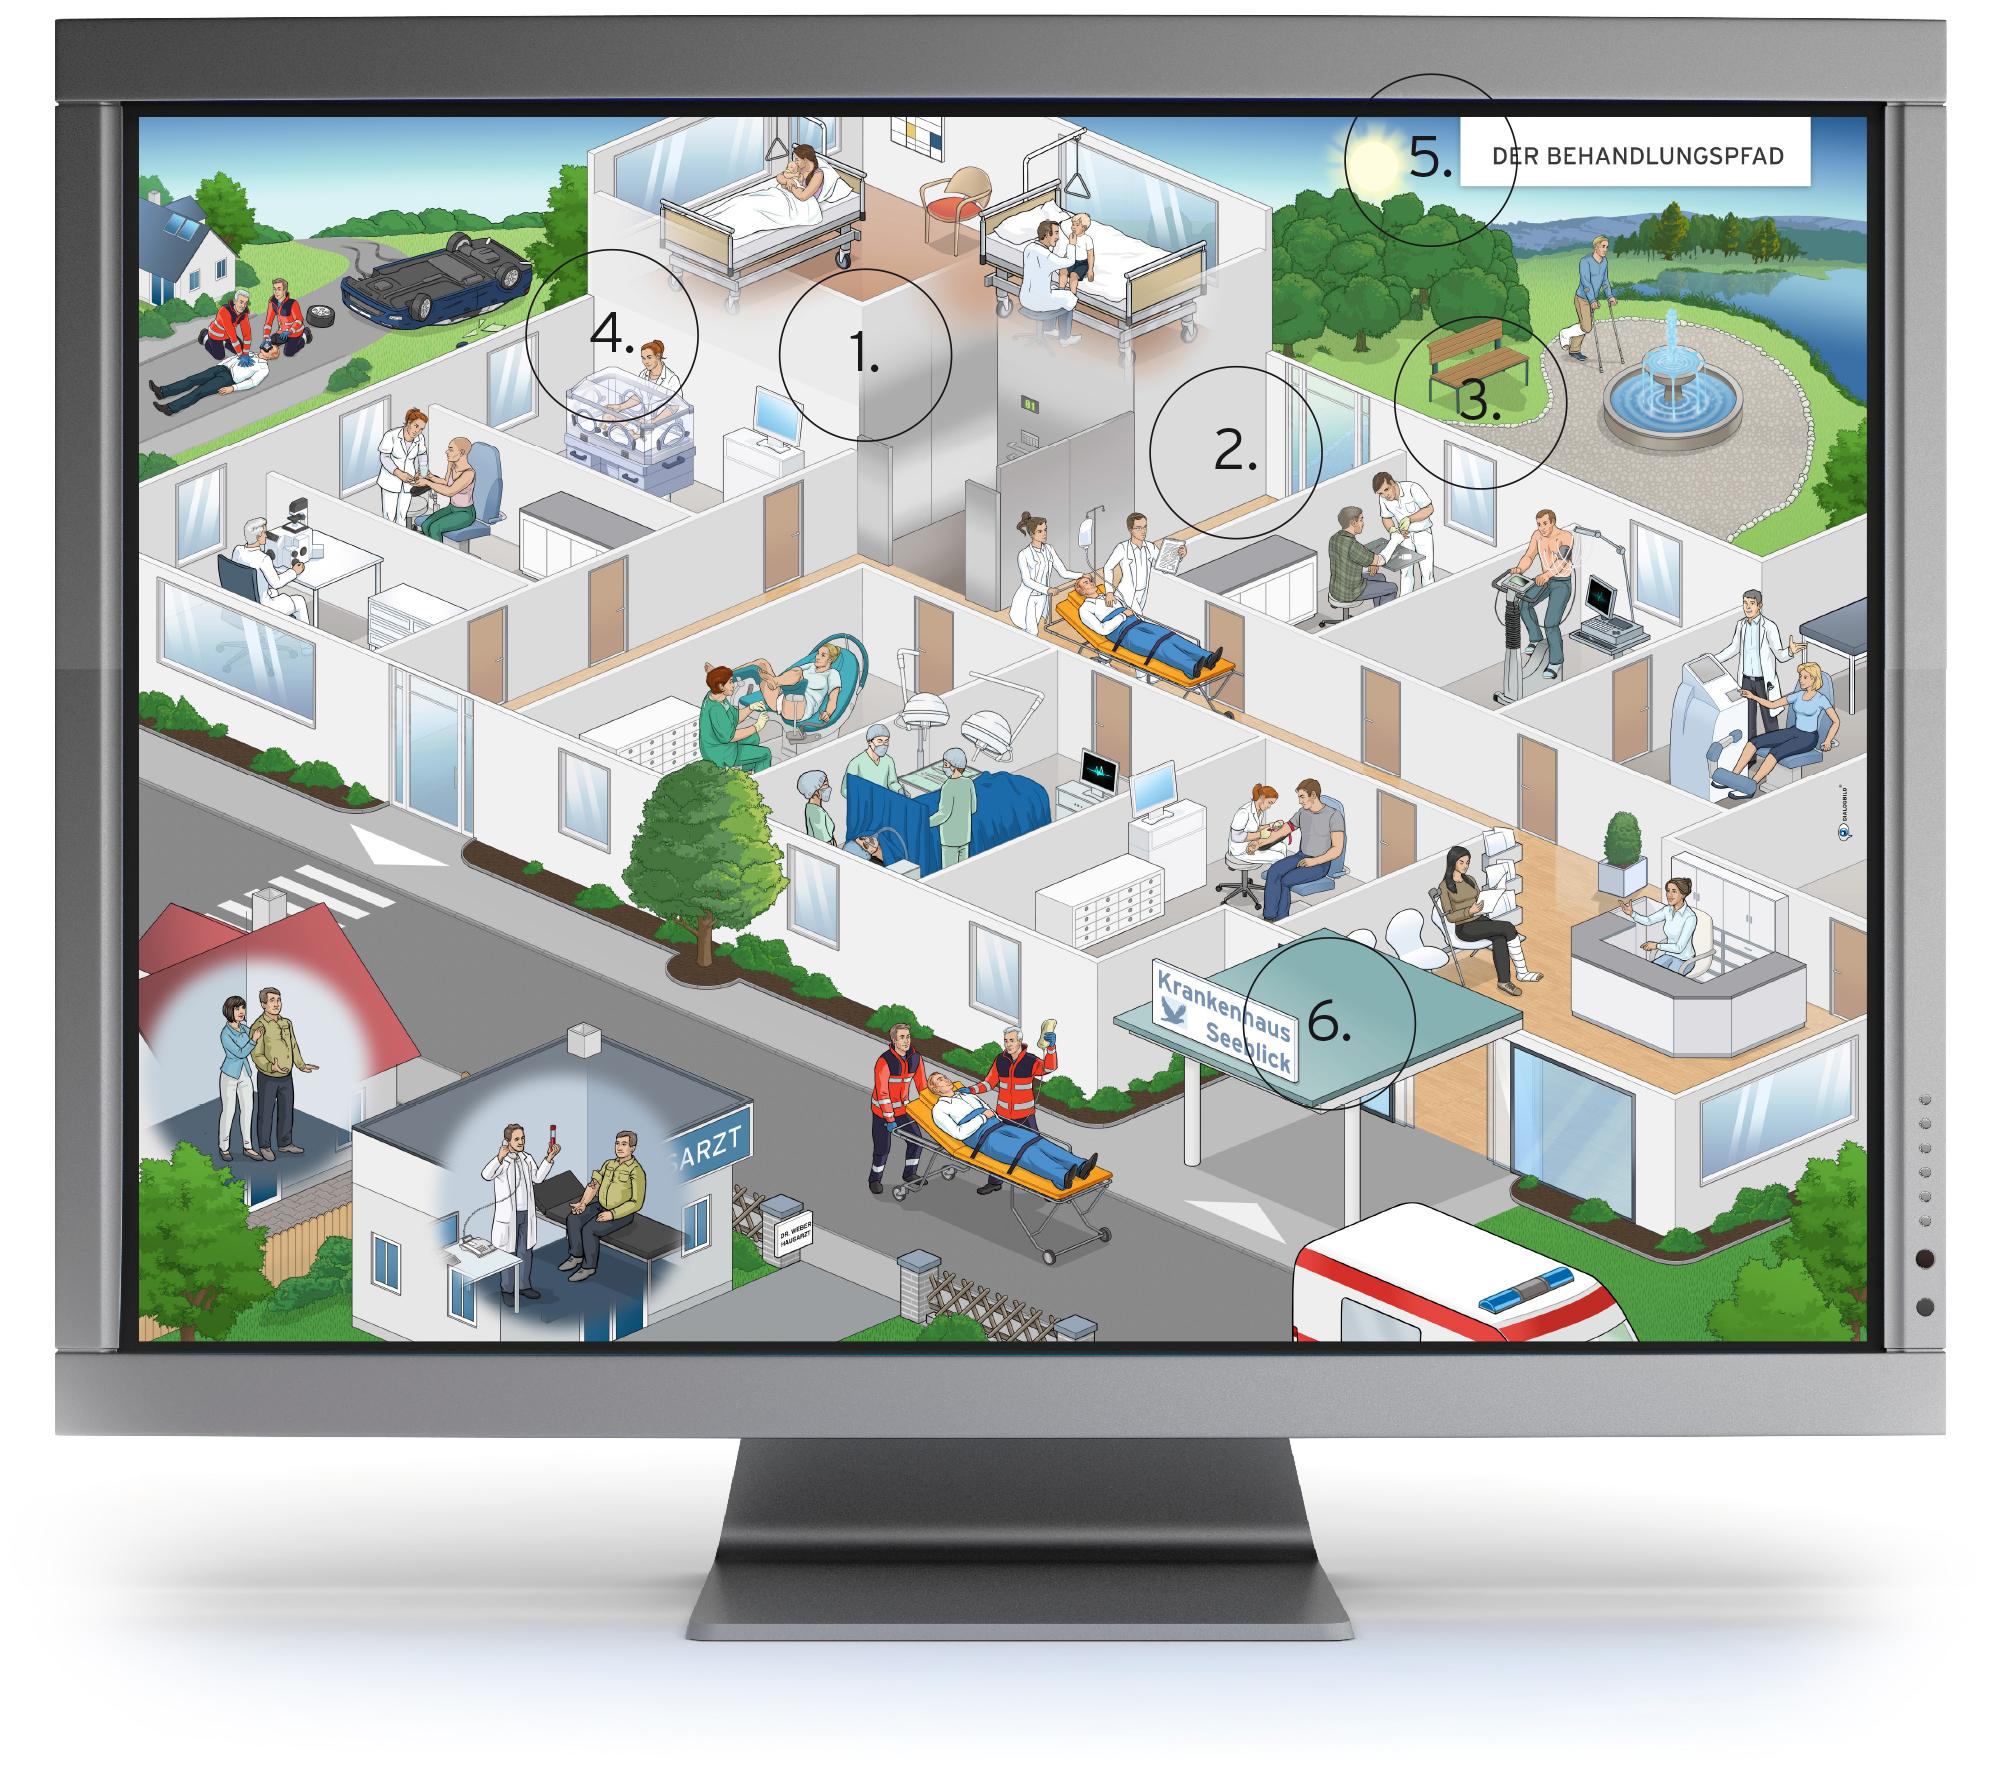 Dialogbild Klinikbaukasten